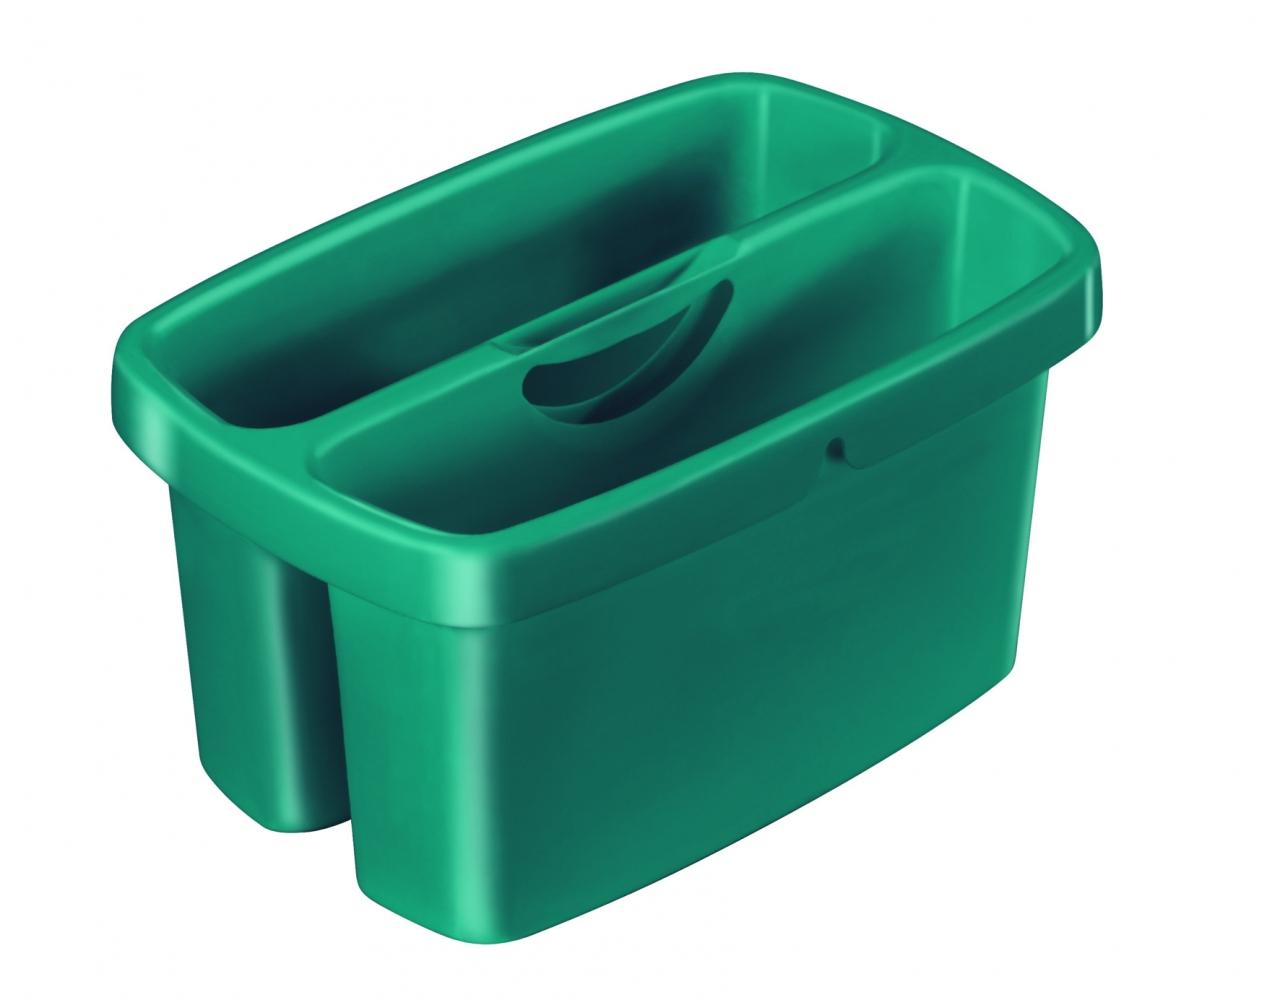 LEIFHEIT Úklidový box Combi 52001